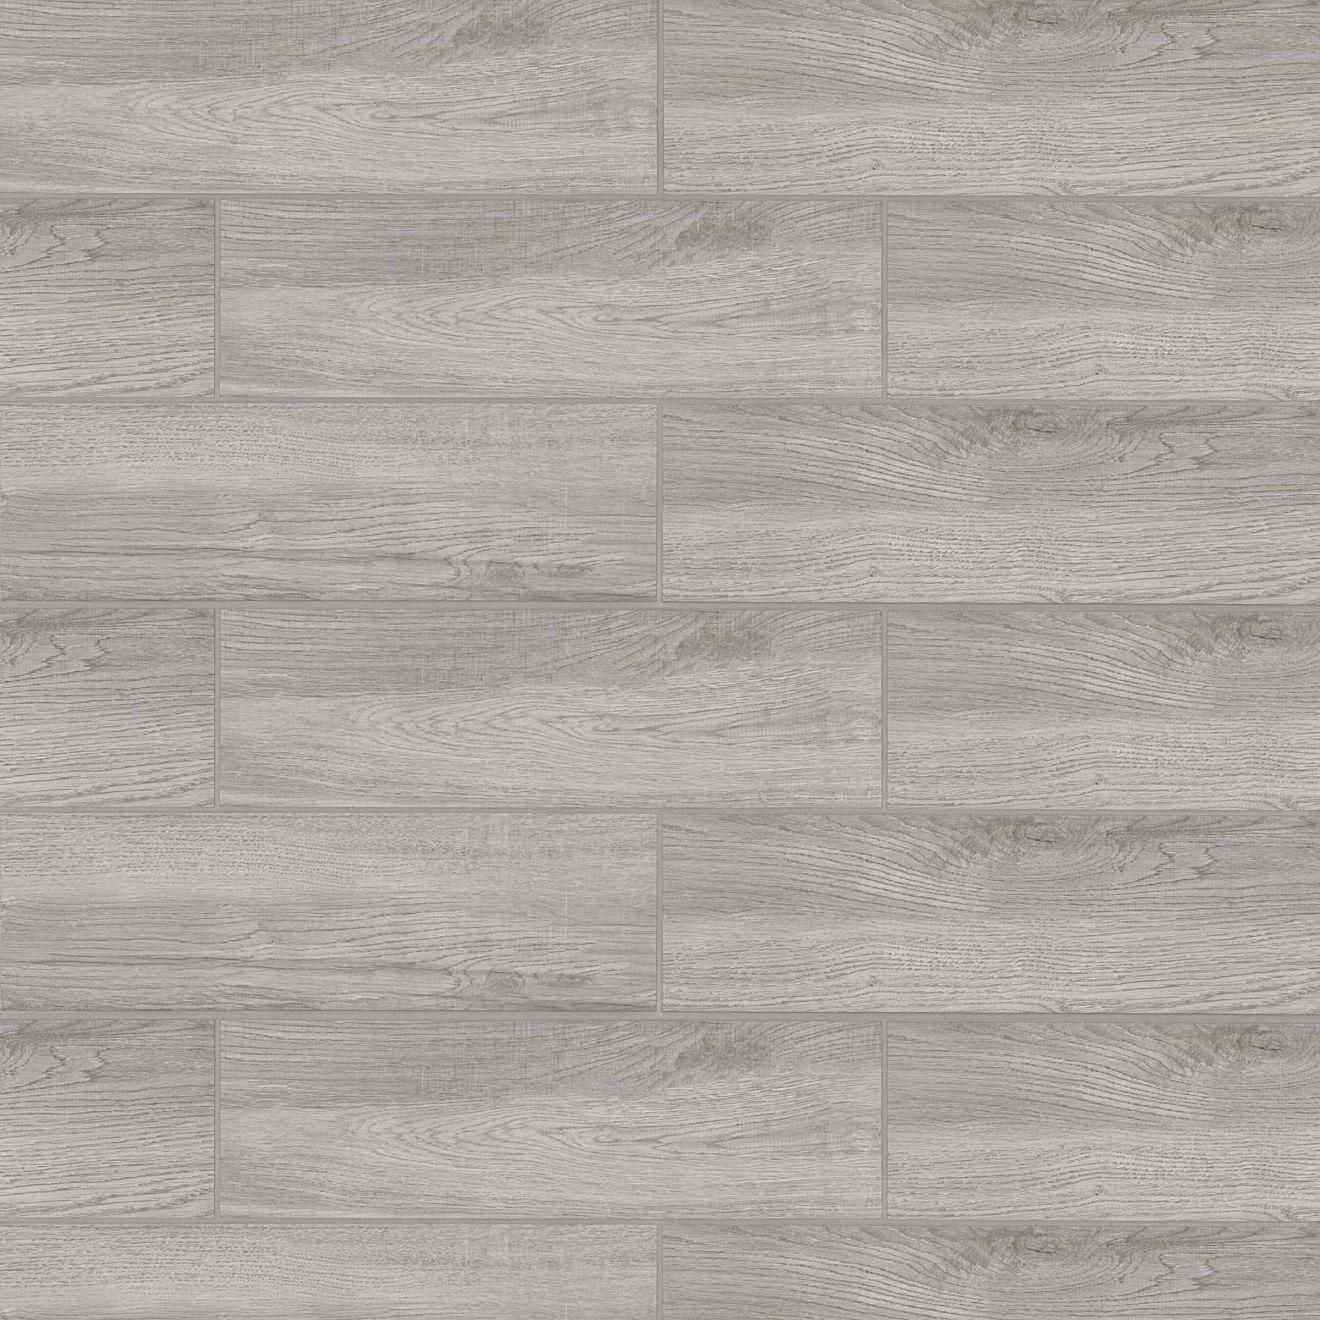 """Balboa 7"""" x 24"""" Floor & Wall Tile in Grey"""